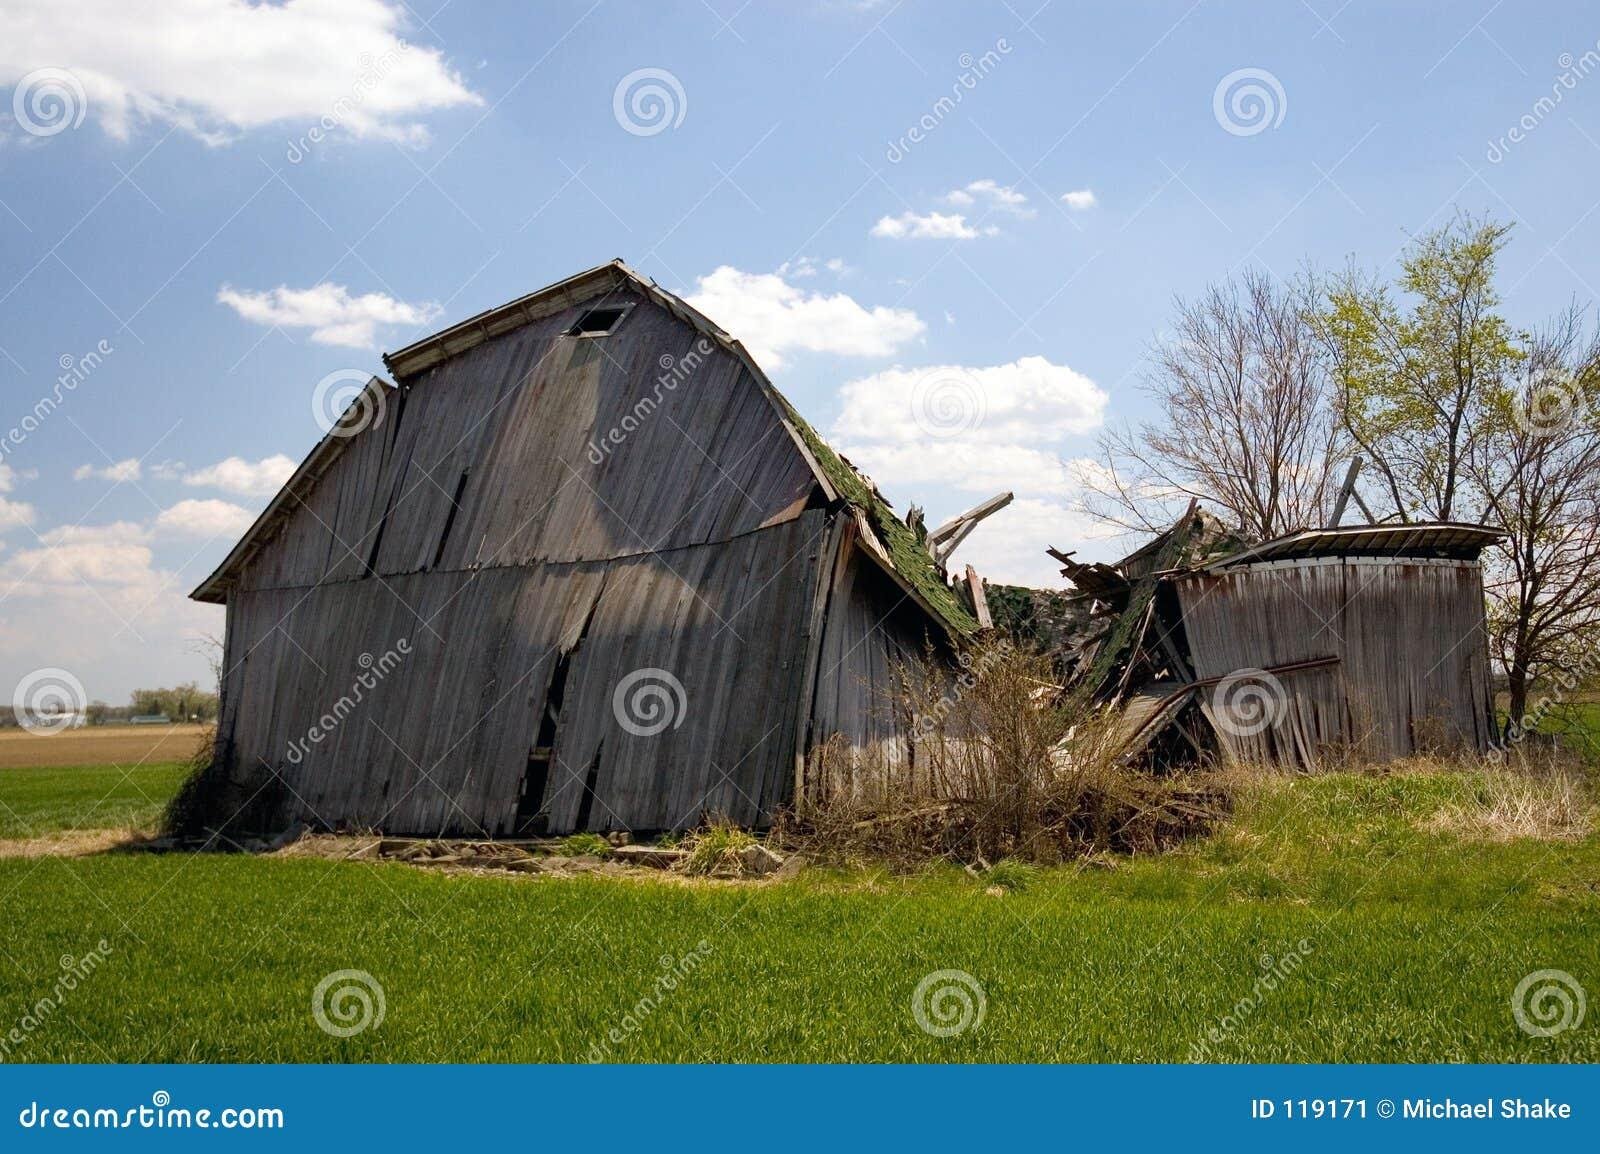 Old Fallen Barn